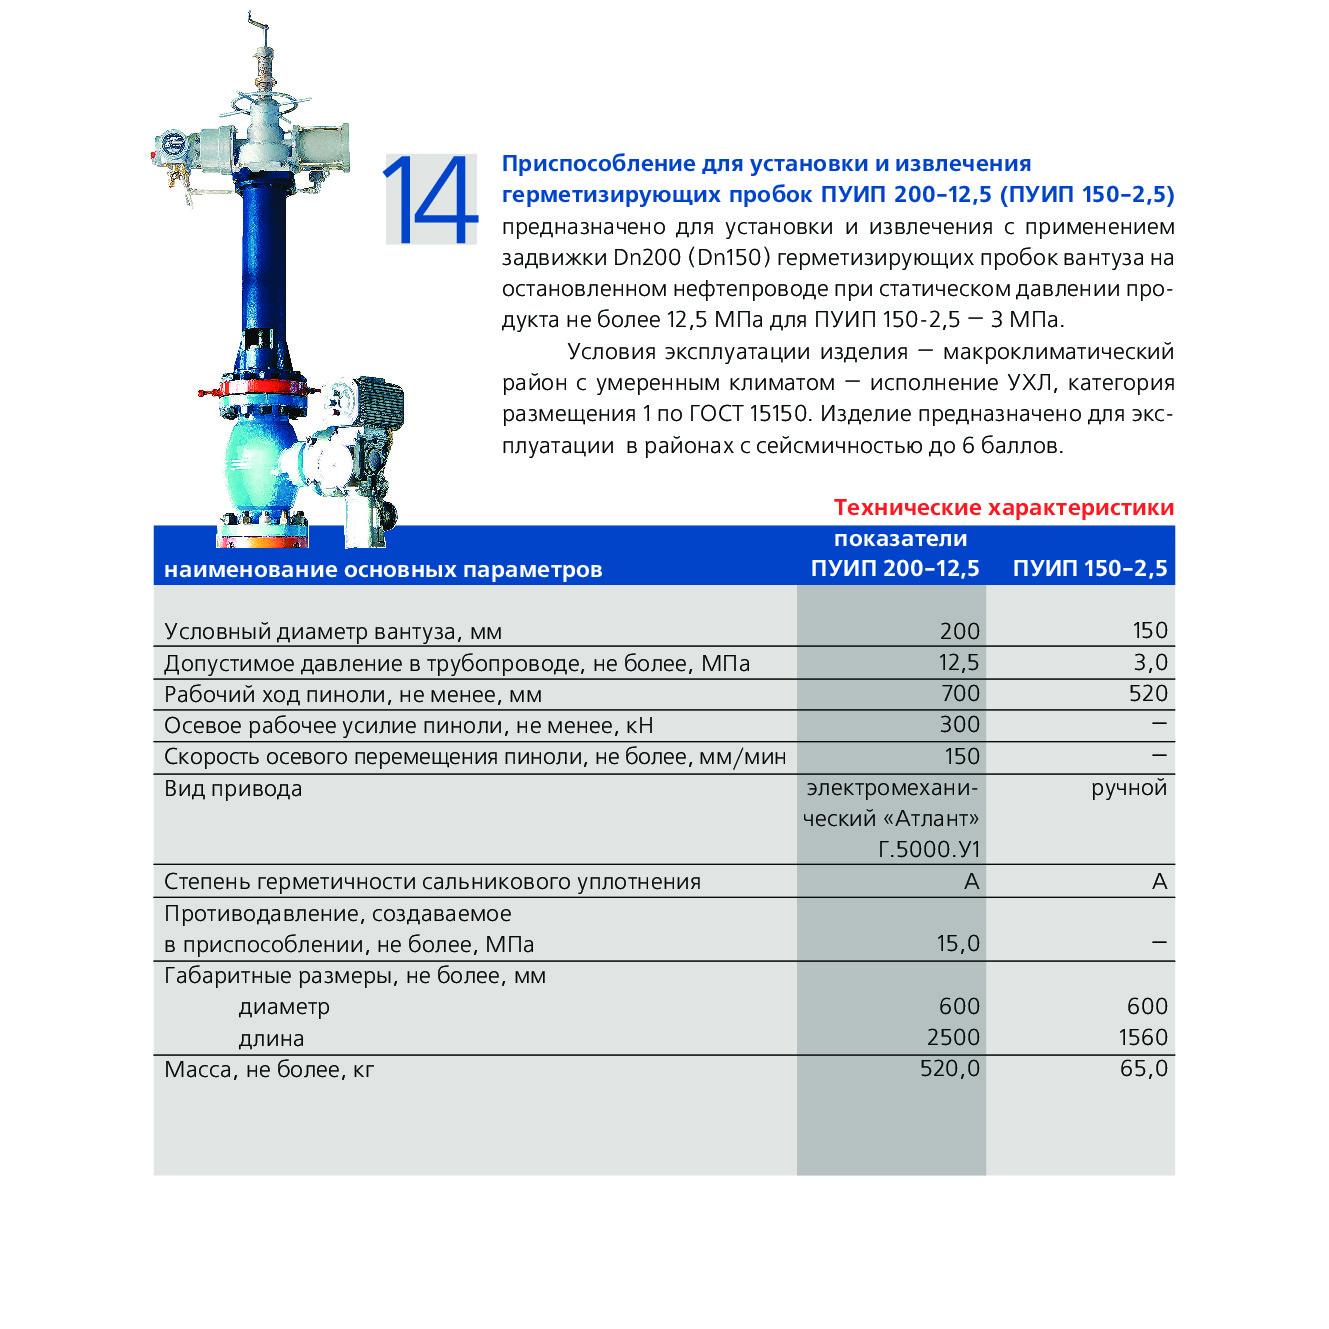 Приспособление для установки и извлечения герметизирующих пробок ПУИП 200-12,5 (ПУИП 150-2,5)